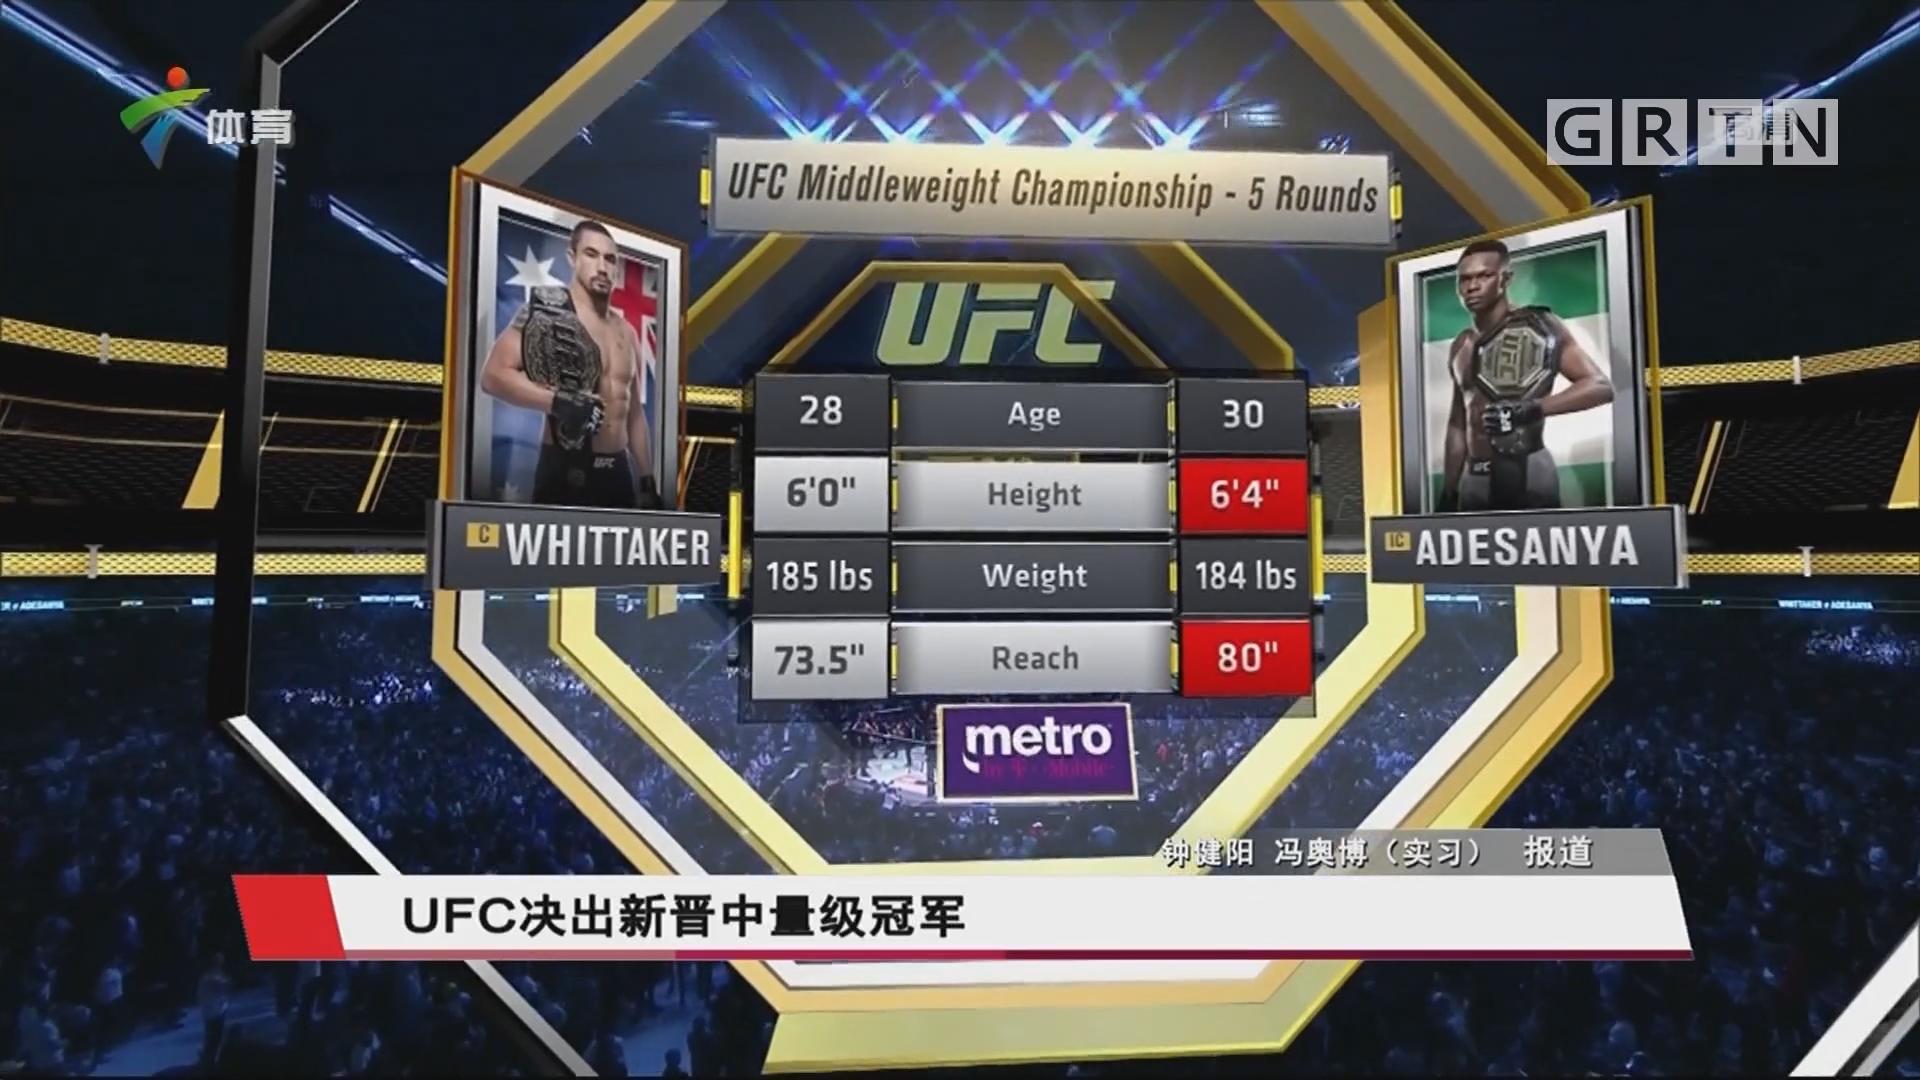 UFC决出新晋中量级冠军